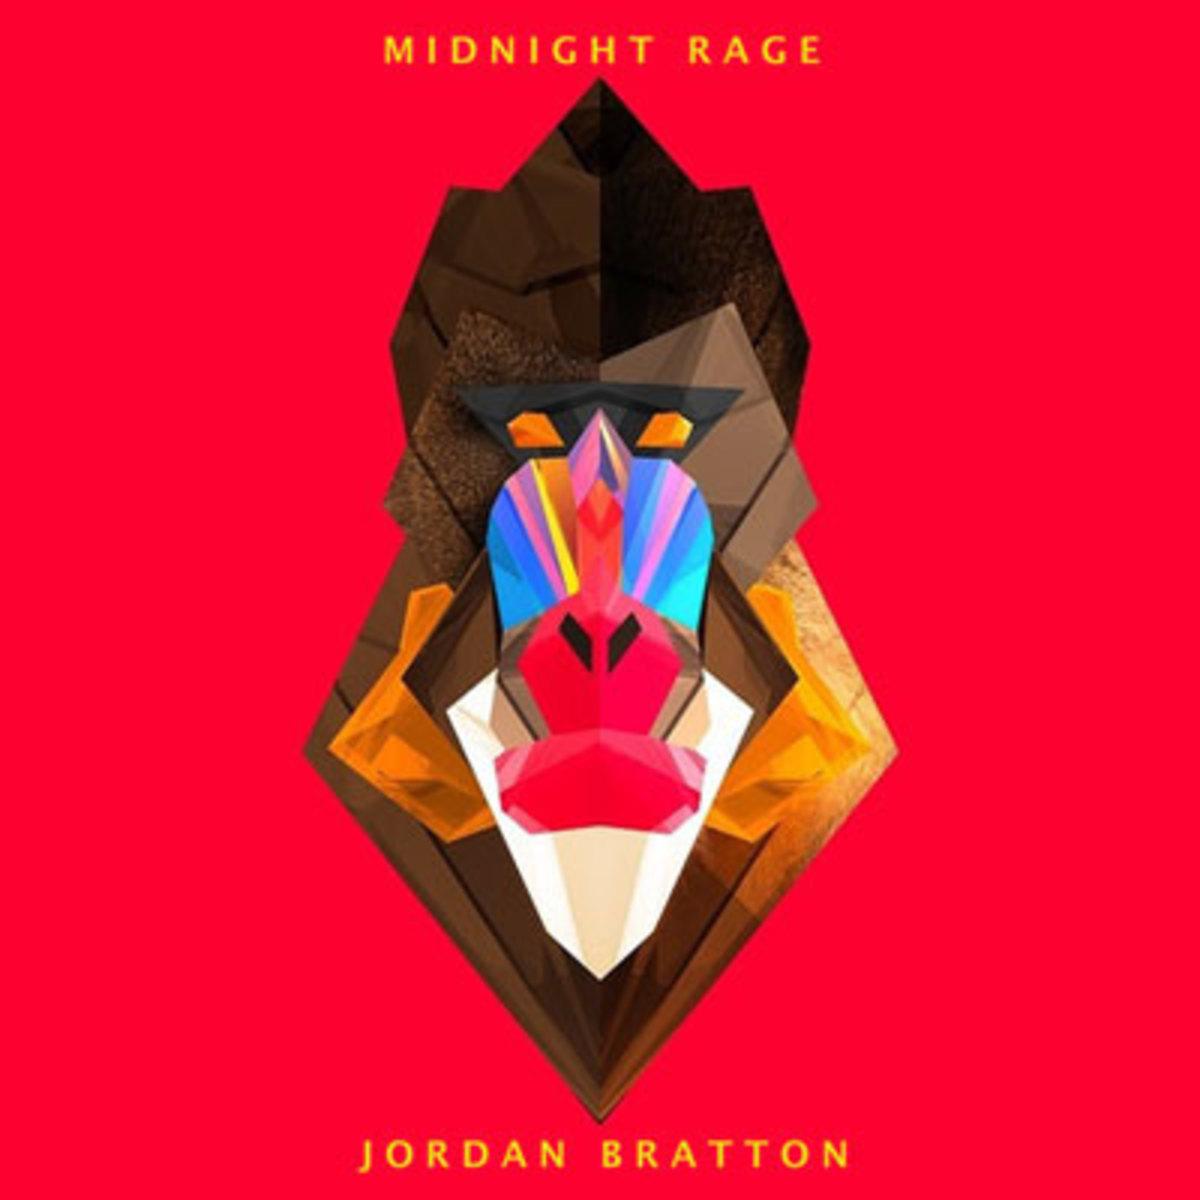 jordanbratton-midnightrage.jpg